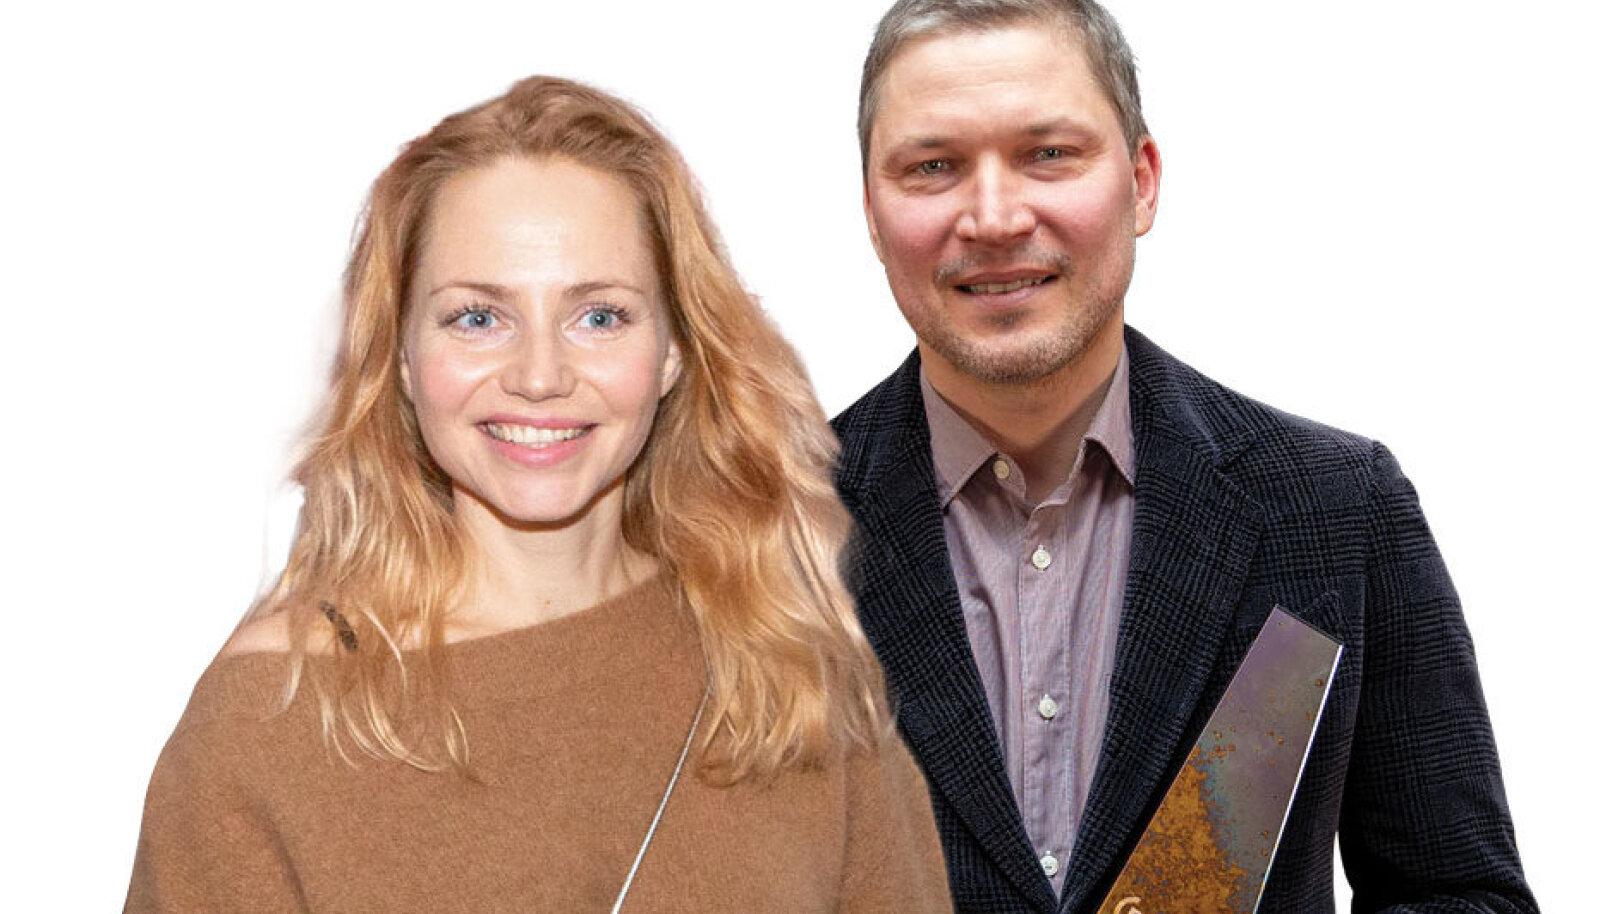 """SIRELITE ÕITSEMISE AEGU armusid näitleja Mirtel Pohla ja kirjanik-stsenarist Martin Algus. Koos tehtud telesari """"Valguses ja varjus"""" esilinastus Elisa voogedastusplatvormil oktoobris."""